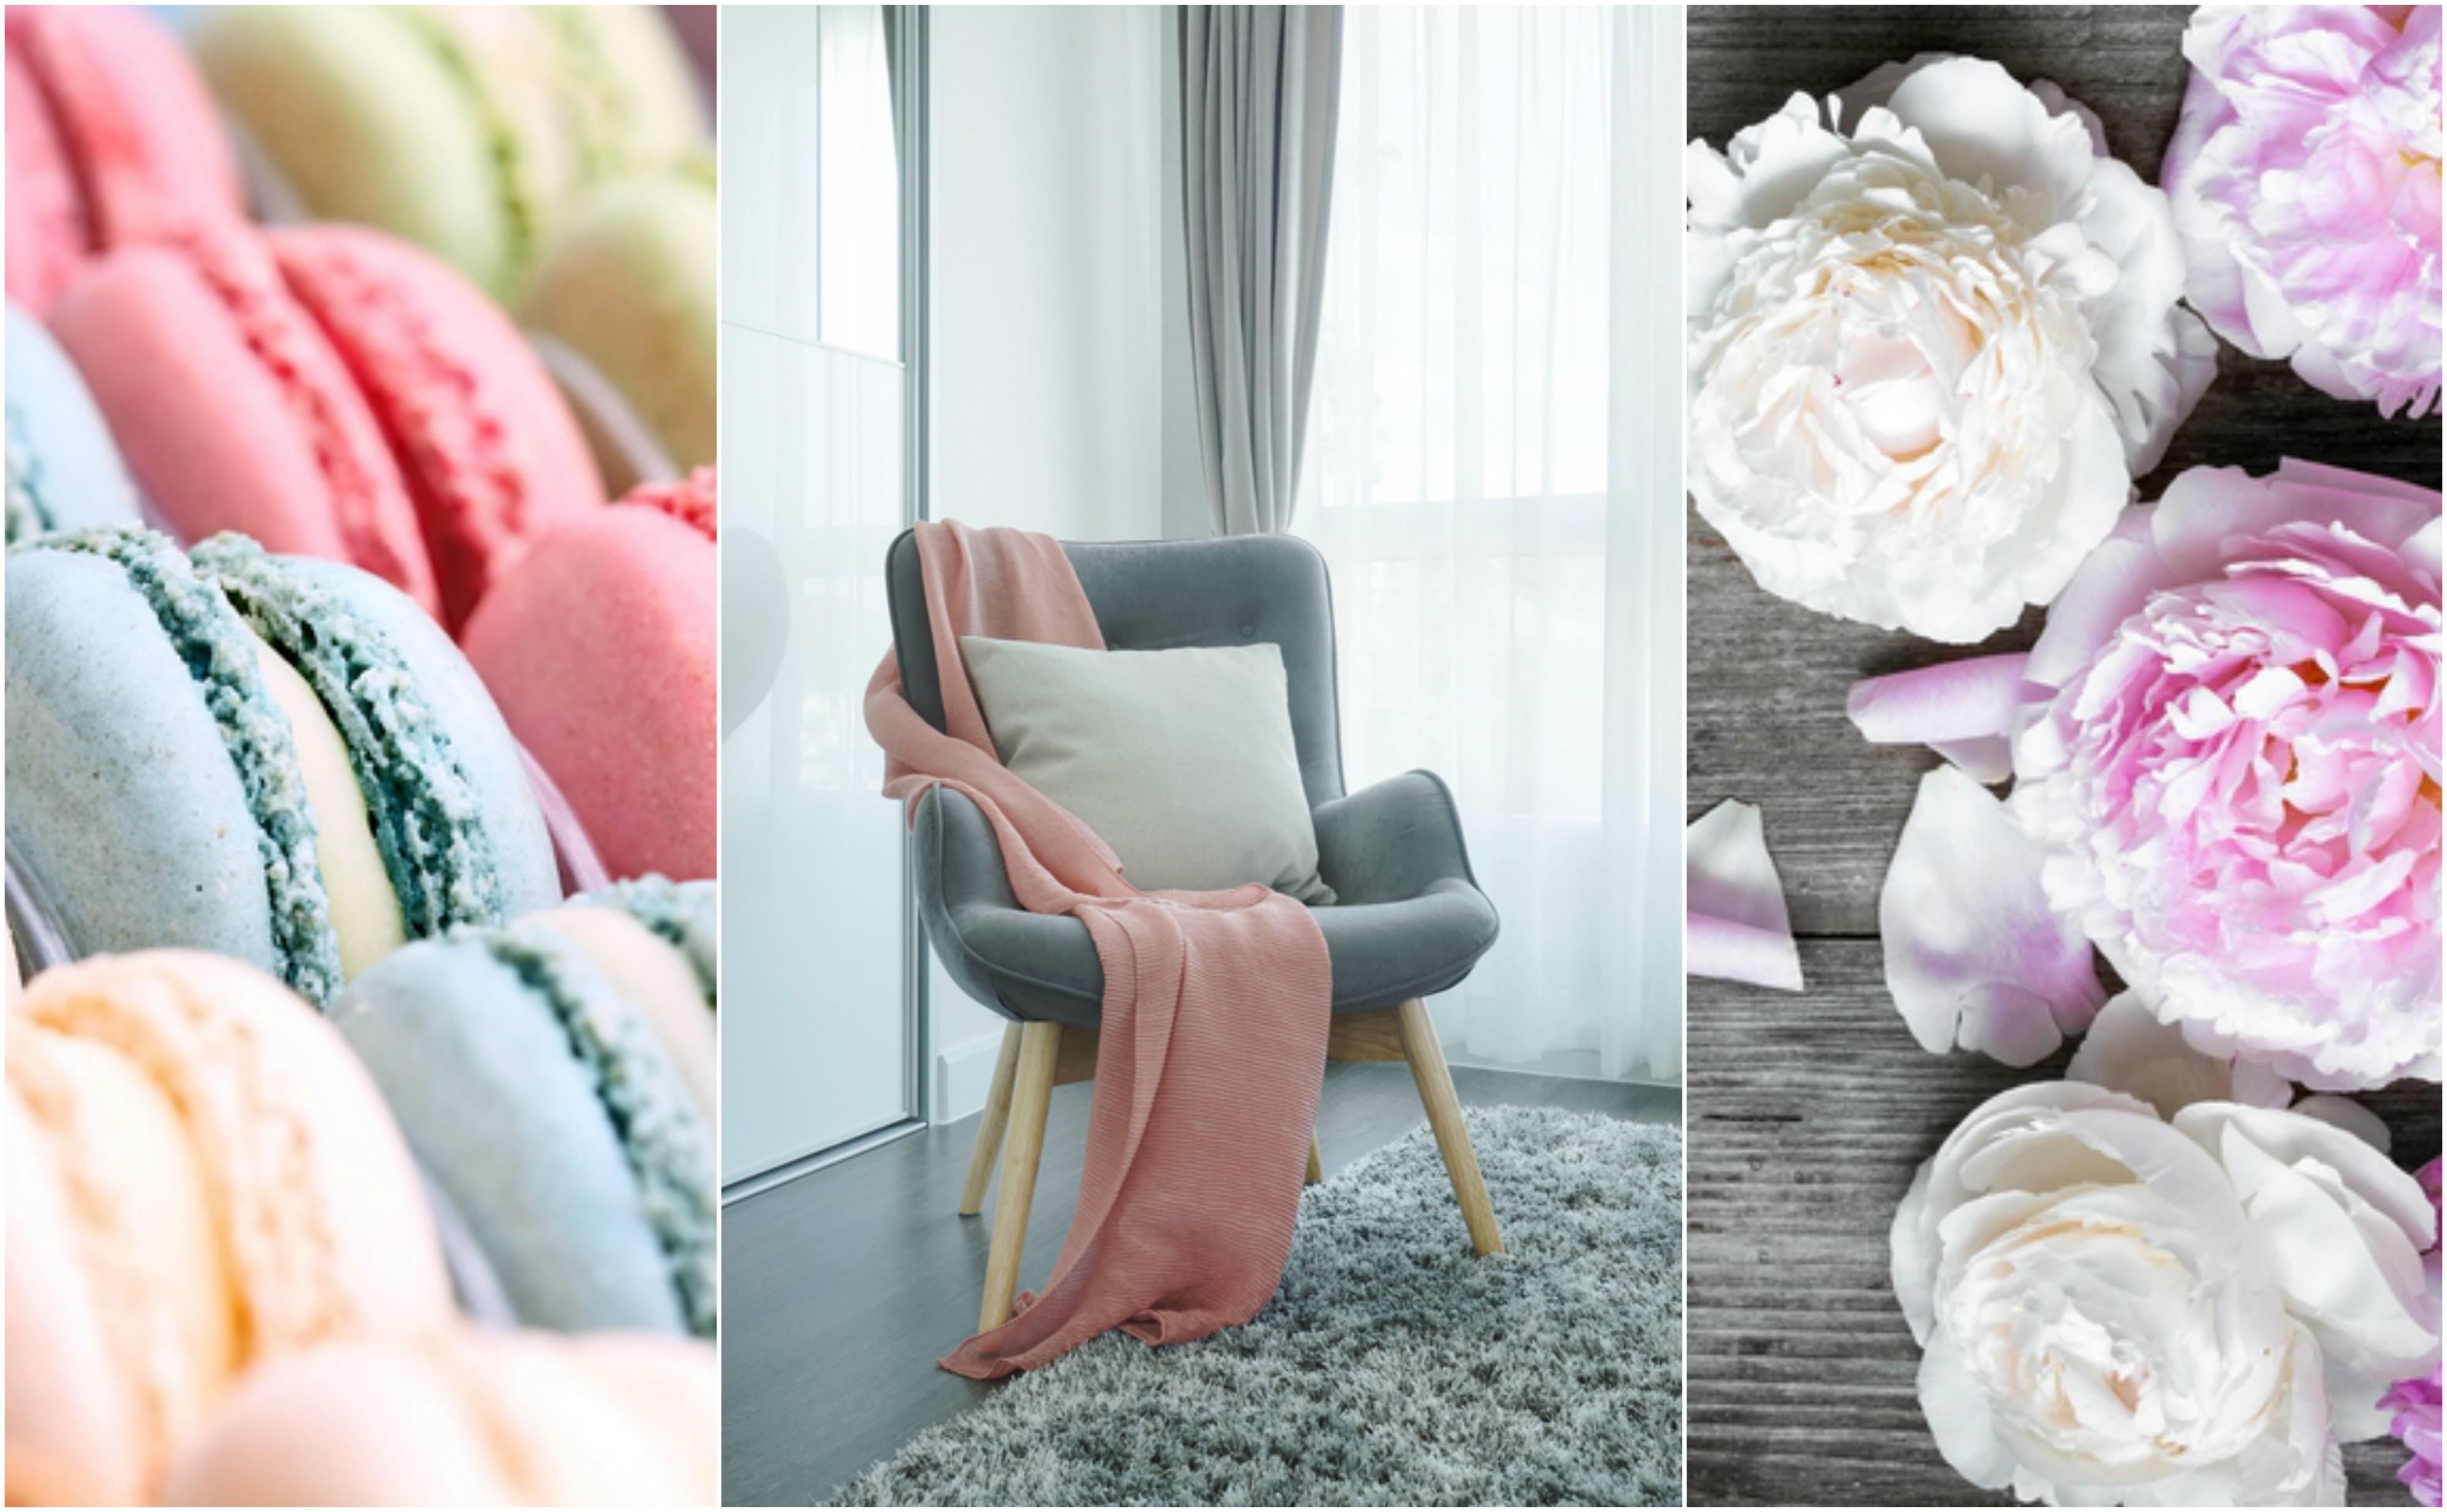 Colori pastello per la camera da letto romantica e moderna  Tgcom24